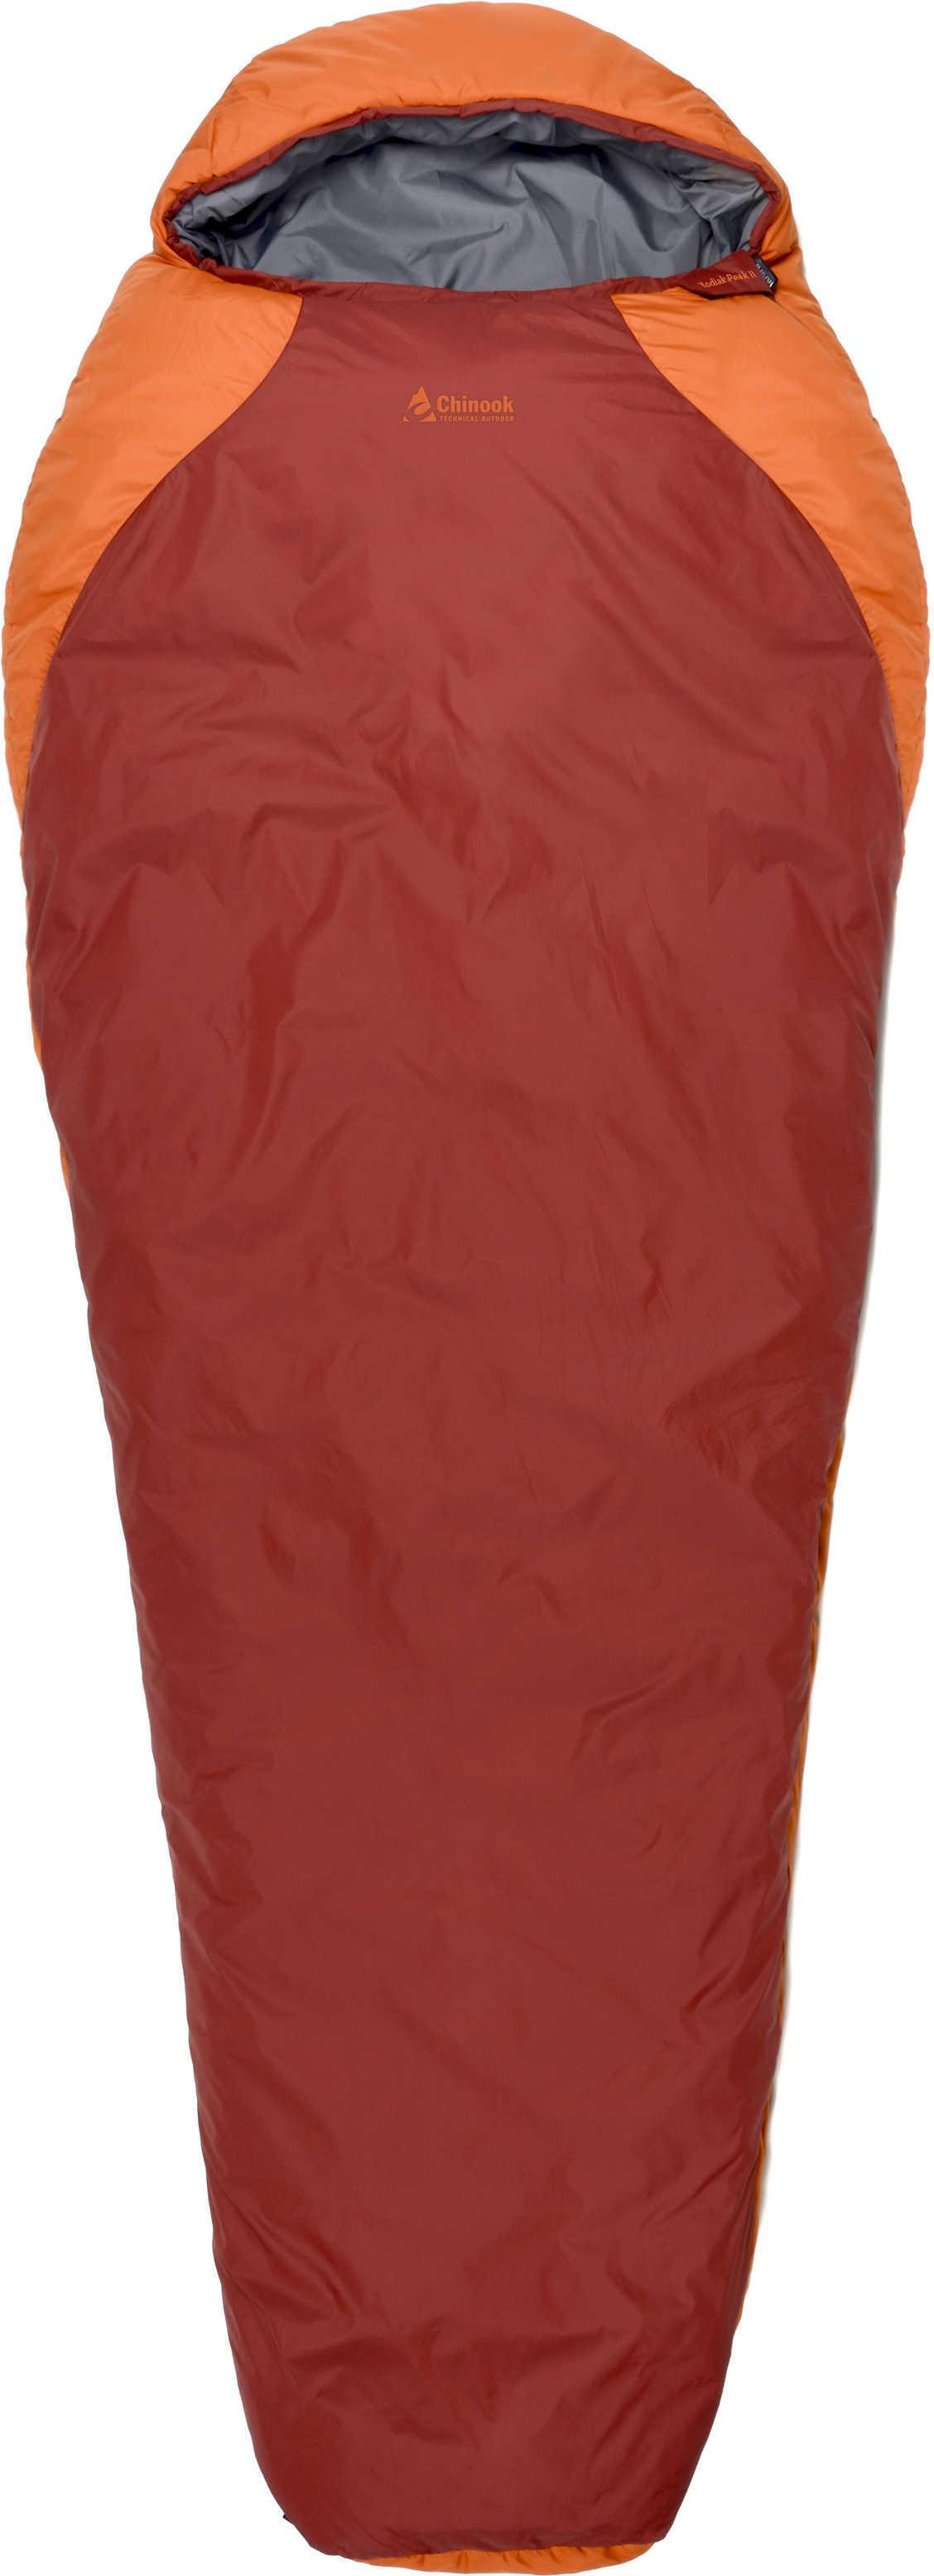 Chinook Kodiak Peak II -5F Sleeping Bag